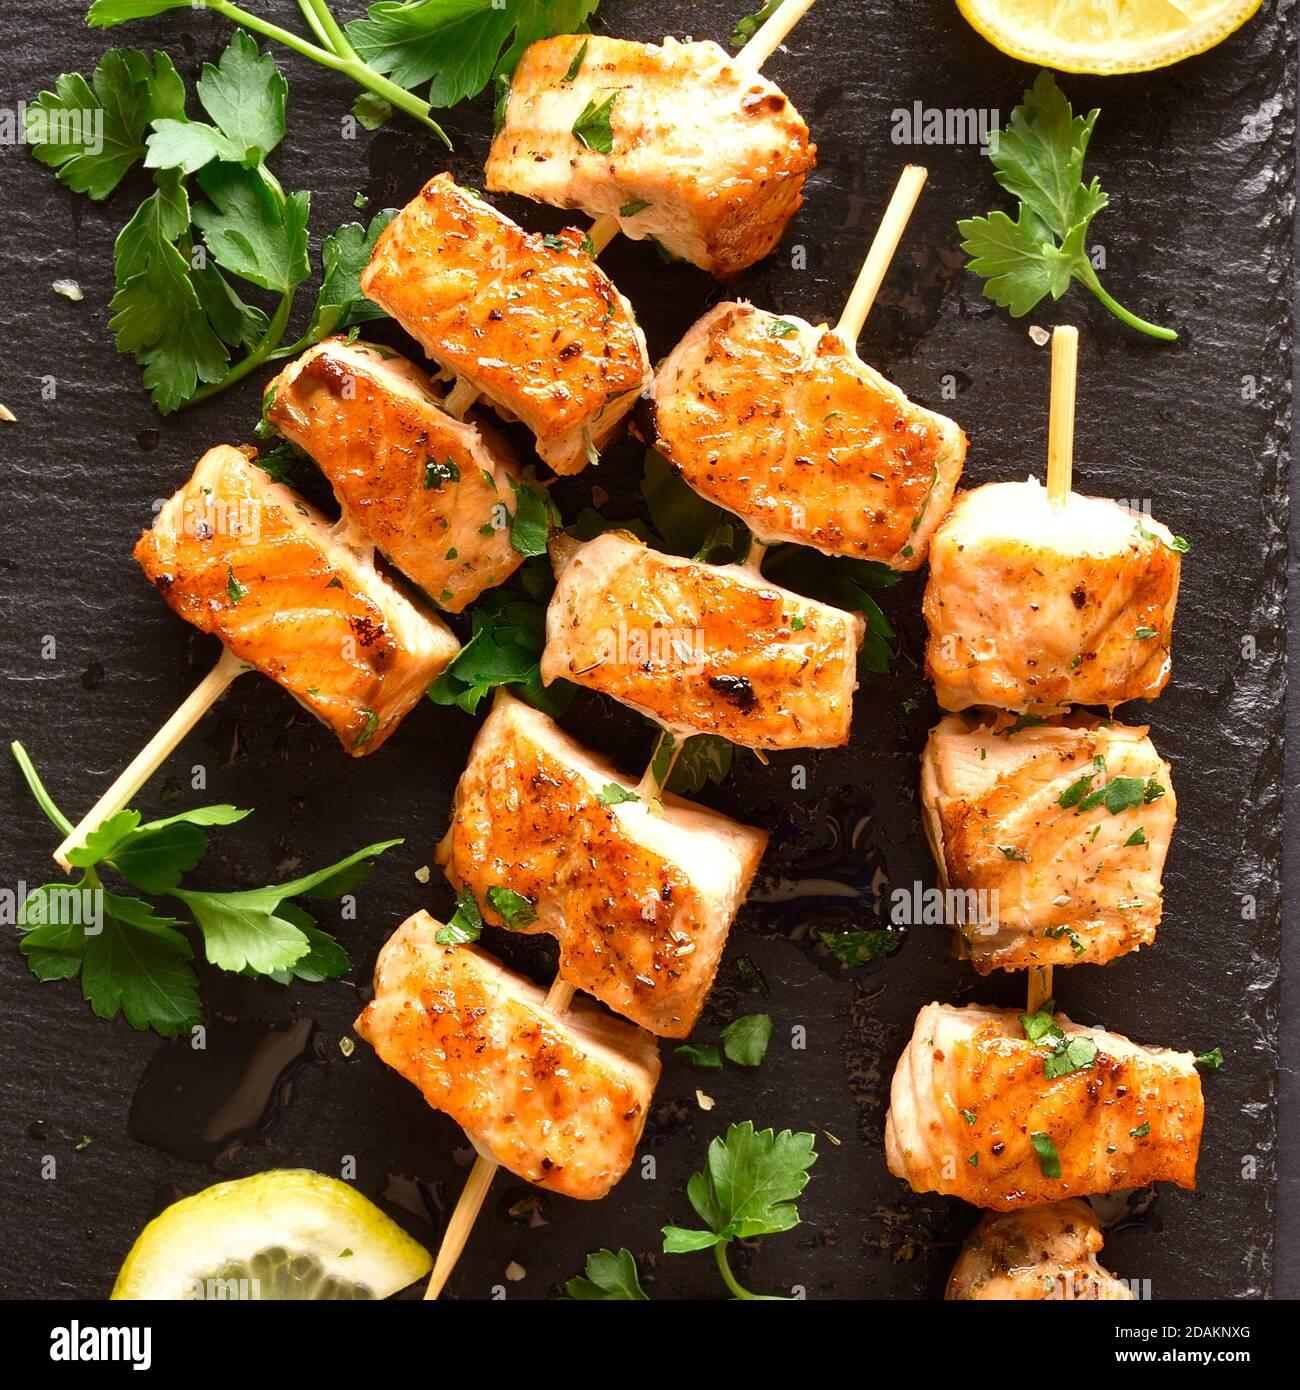 Vista de cerca del kebab de salmón a la parrilla. Brochetas de salmón a la barbacoa sobre pizarra de piedra. Vista superior, disposición plana Foto de stock